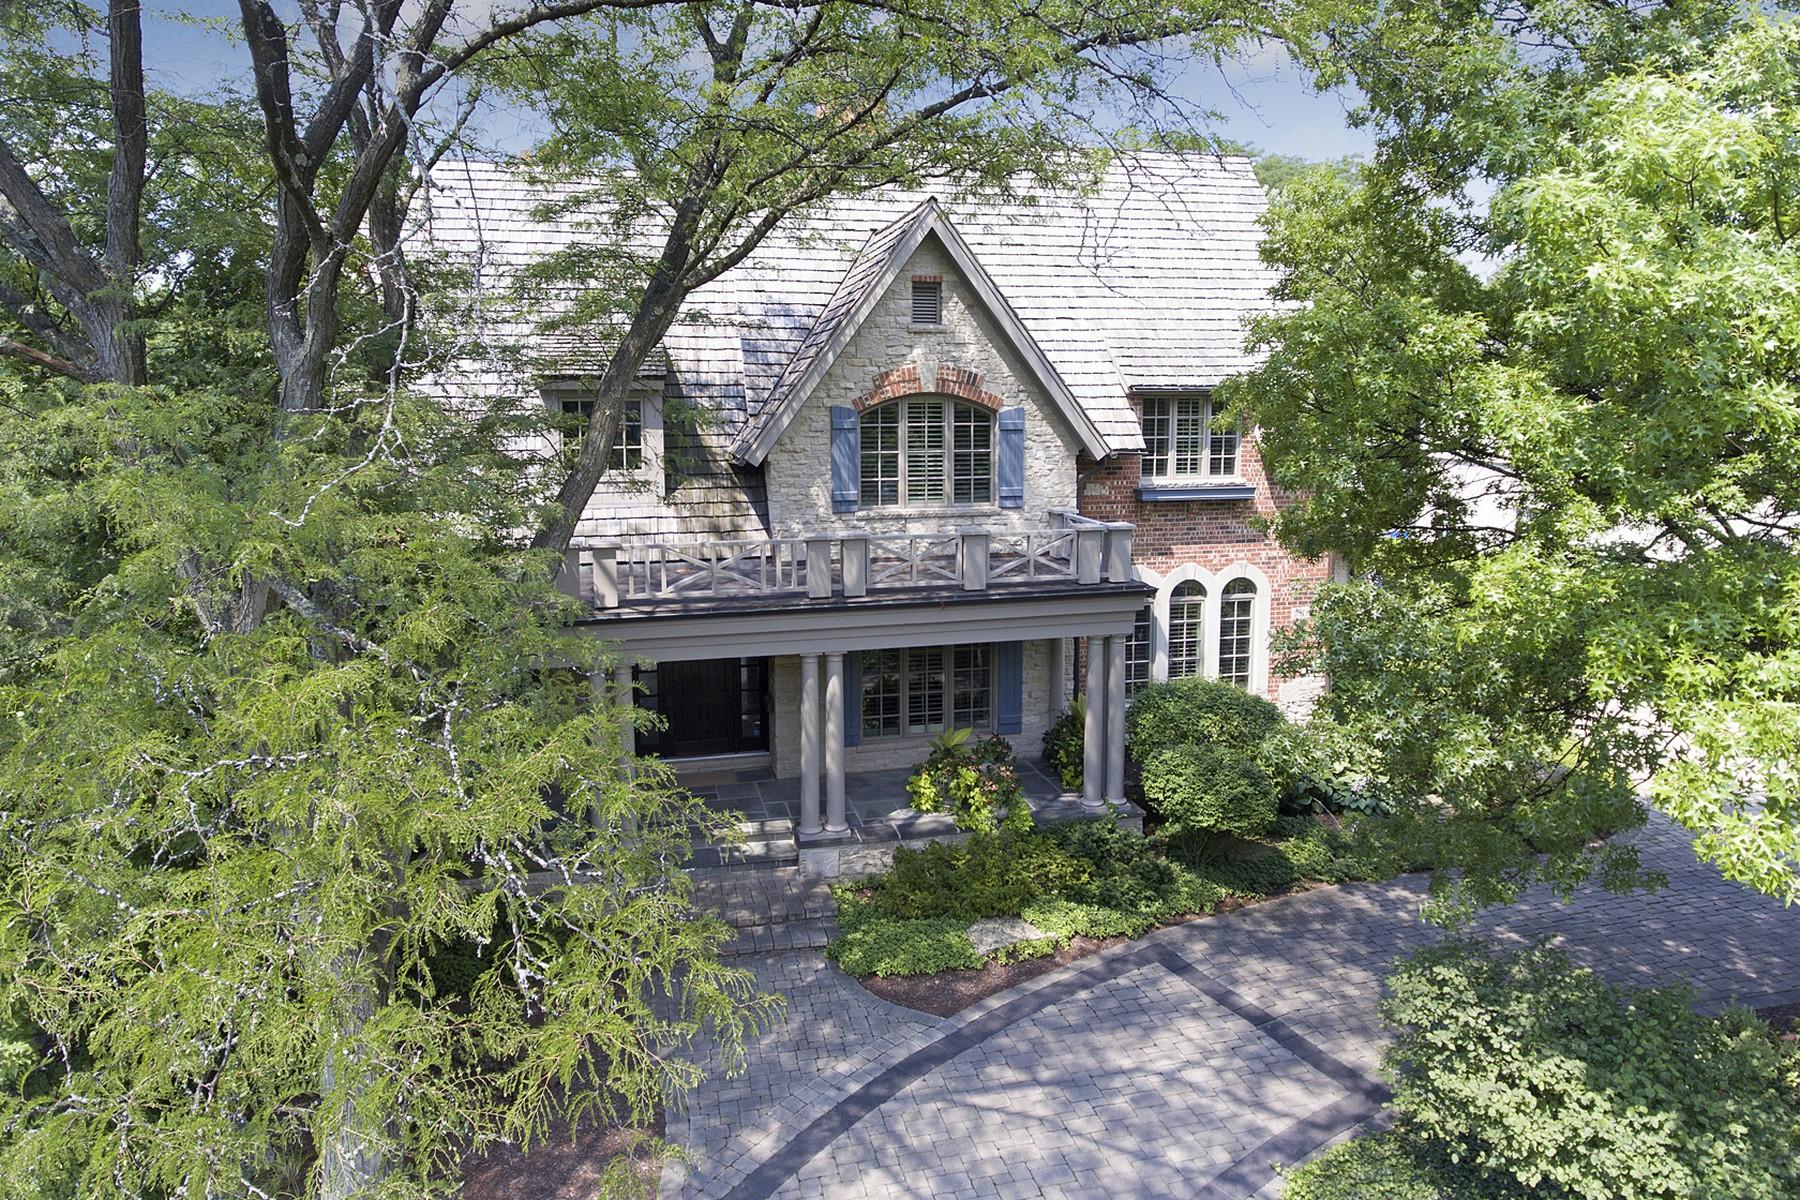 Maison unifamiliale pour l Vente à 736 Cleveland Road Hinsdale, Illinois, 60521 États-Unis